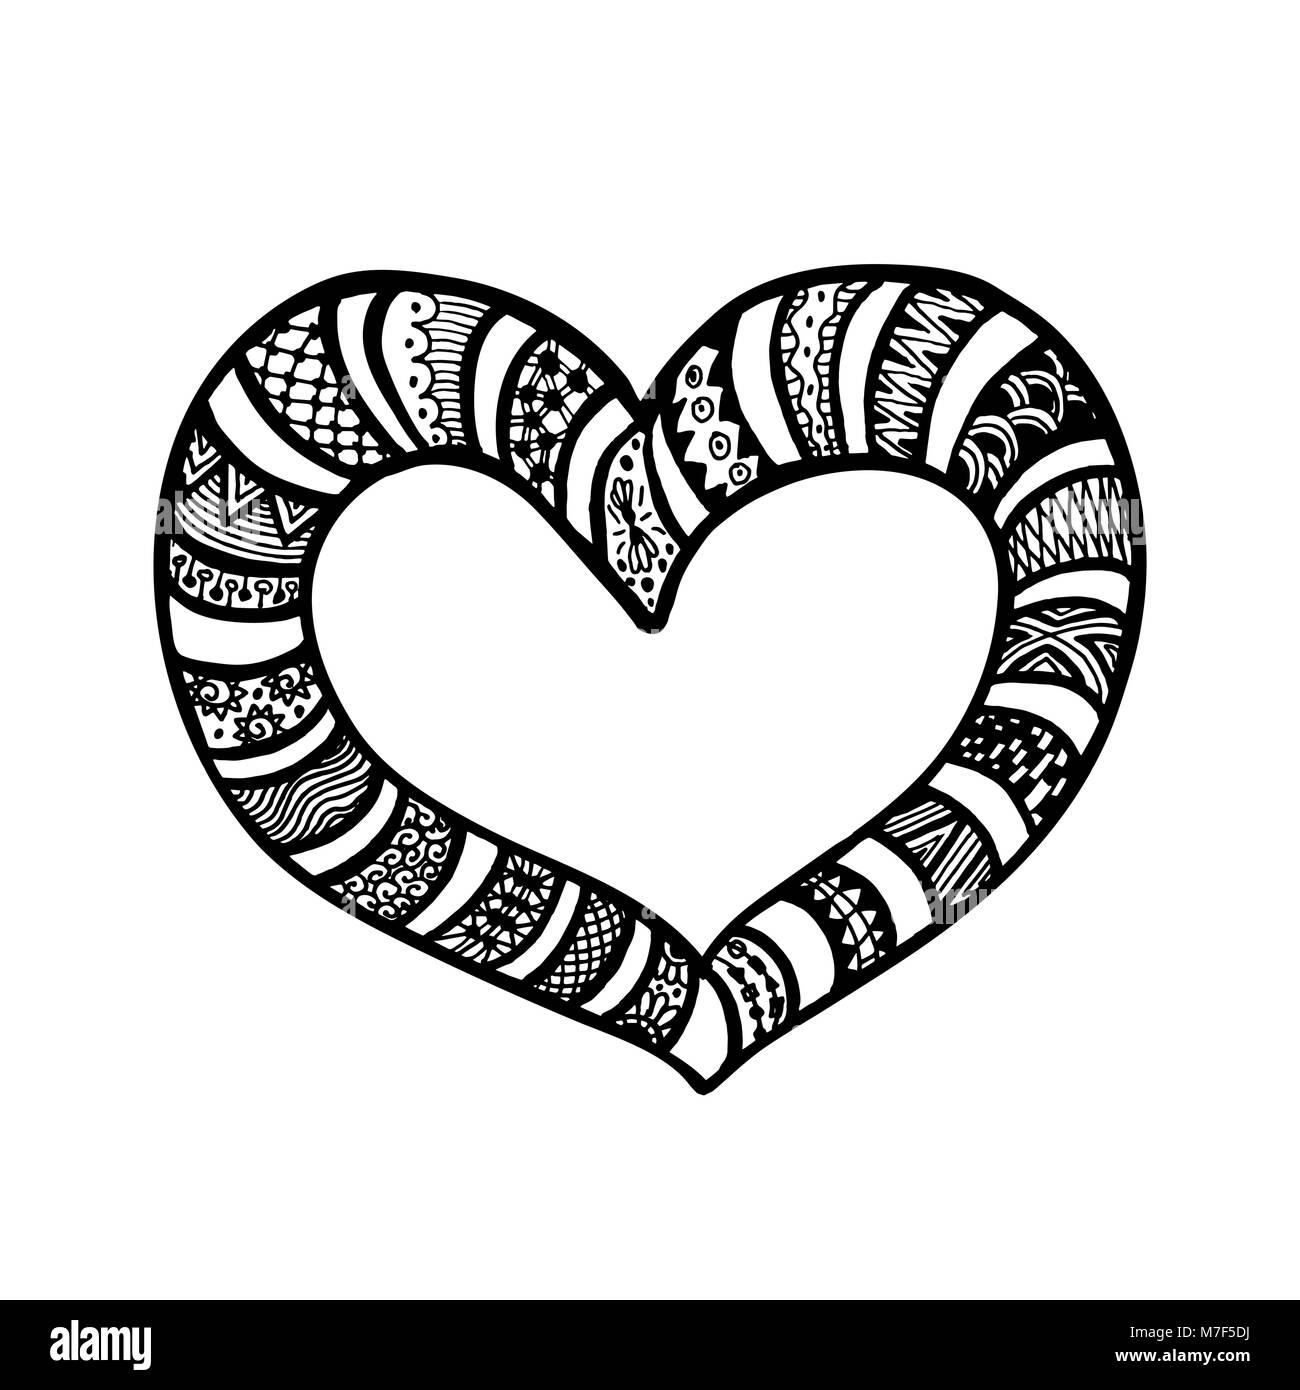 Ilustración vectorial de doodle corazones dibujados a mano. Página ...